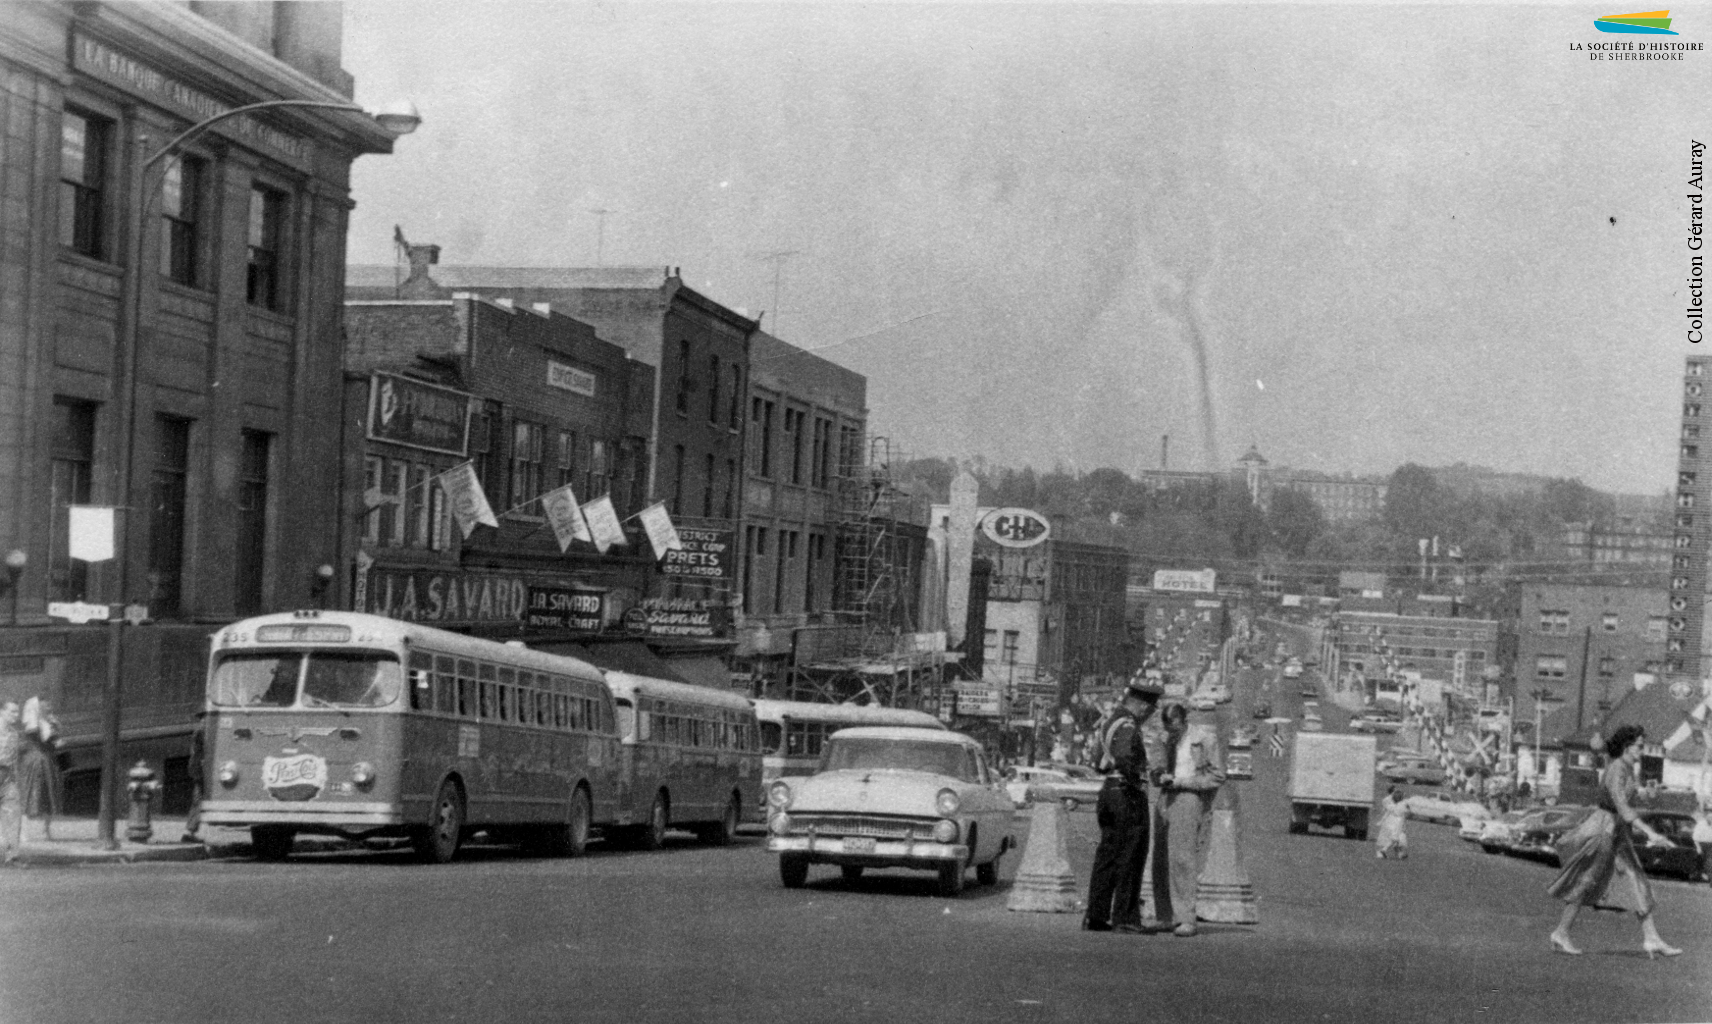 La rue King Ouest en 1957. Après la fermeture du réseau de tramway en 1932, le transport en commun est assuré par des autobus.